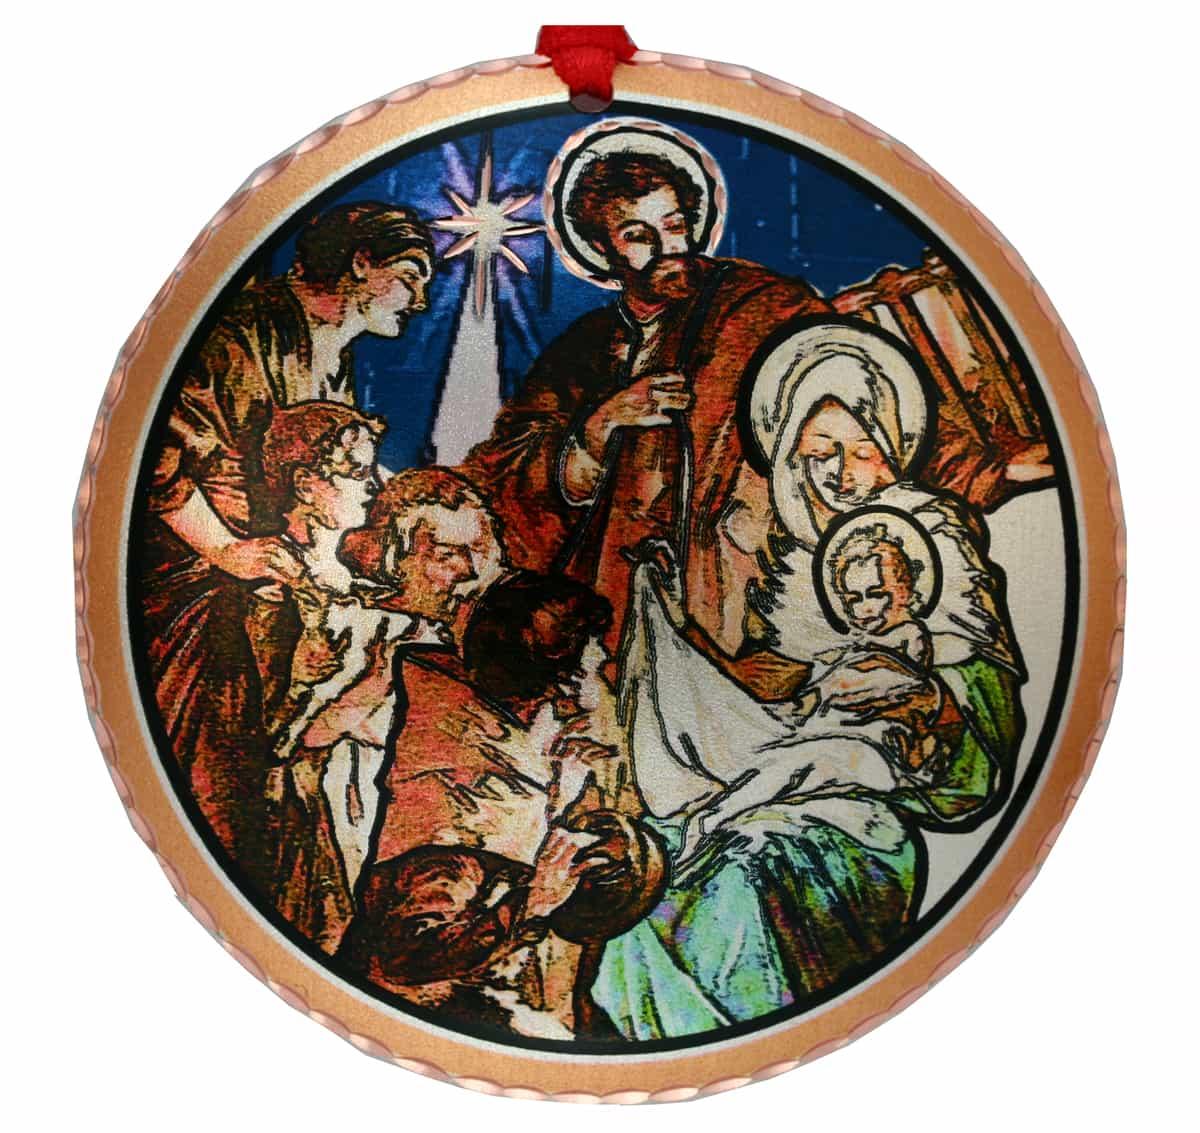 Nativity Scene Handmade Christmas Tree Ornaments